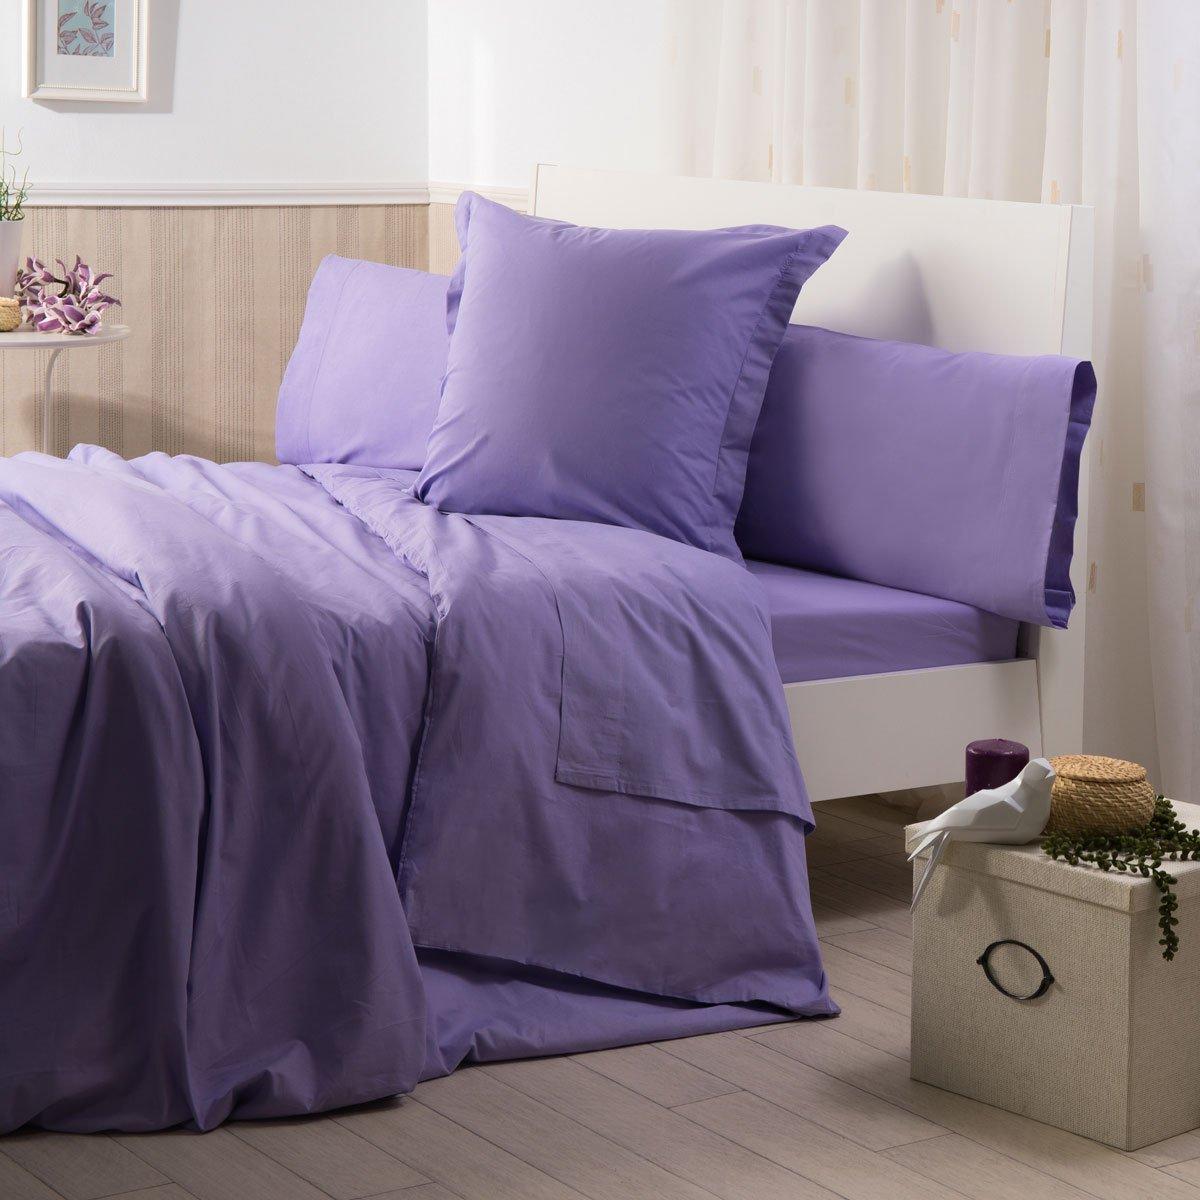 Sancarlos - Funda de almohada para cama, 100% Algodón percal, Color lila, Cama de 90 cm: Amazon.es: Hogar